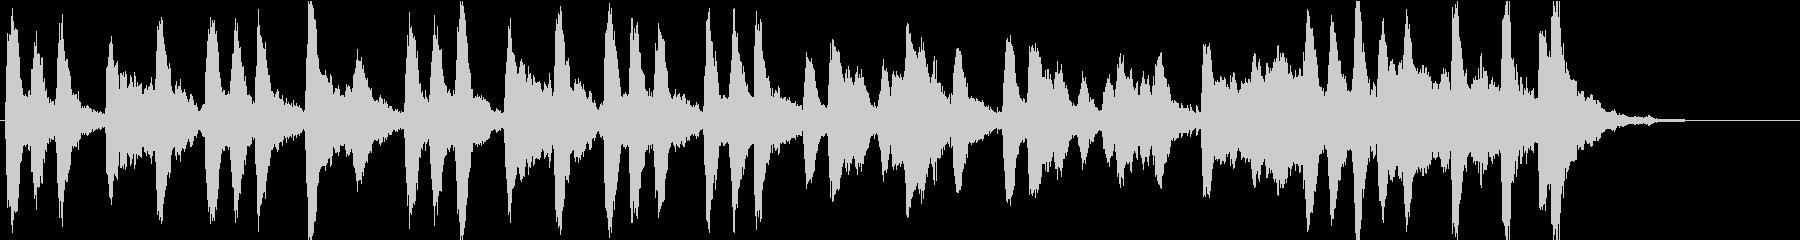 弦とベルのシンプルなBGM。企業VP等にの未再生の波形